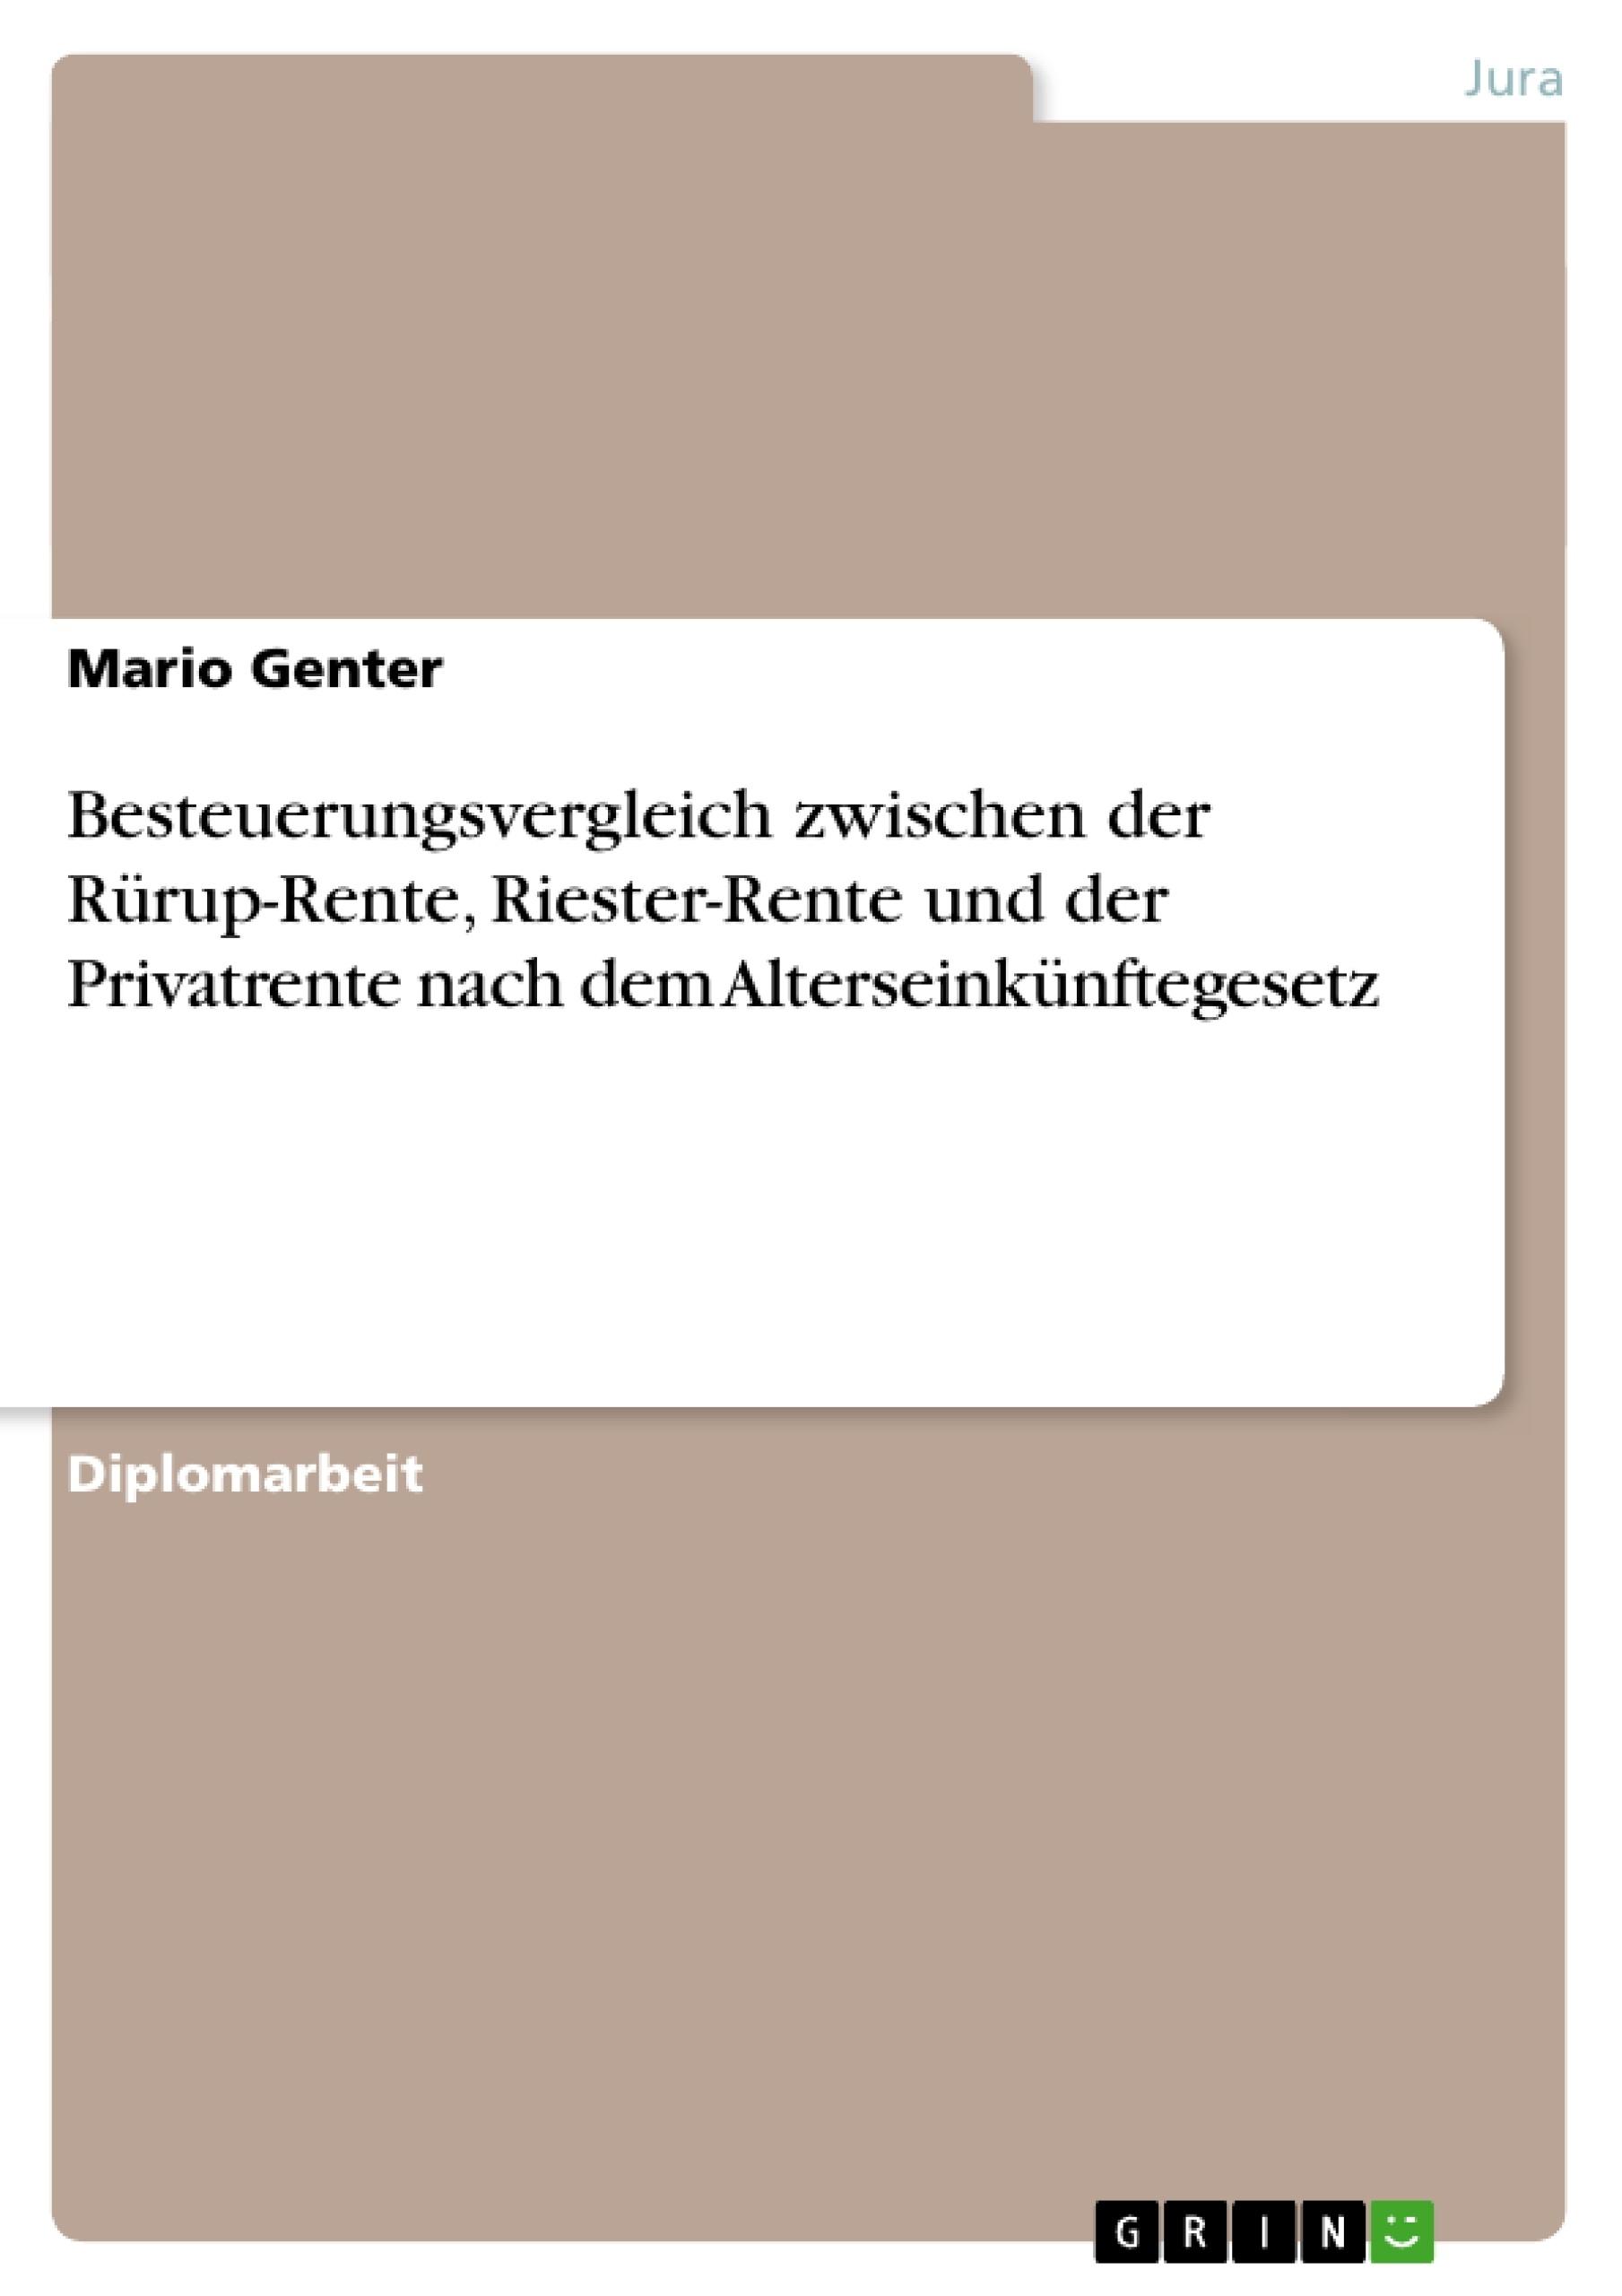 Titel: Besteuerungsvergleich zwischen der Rürup-Rente, Riester-Rente und der Privatrente nach dem Alterseinkünftegesetz